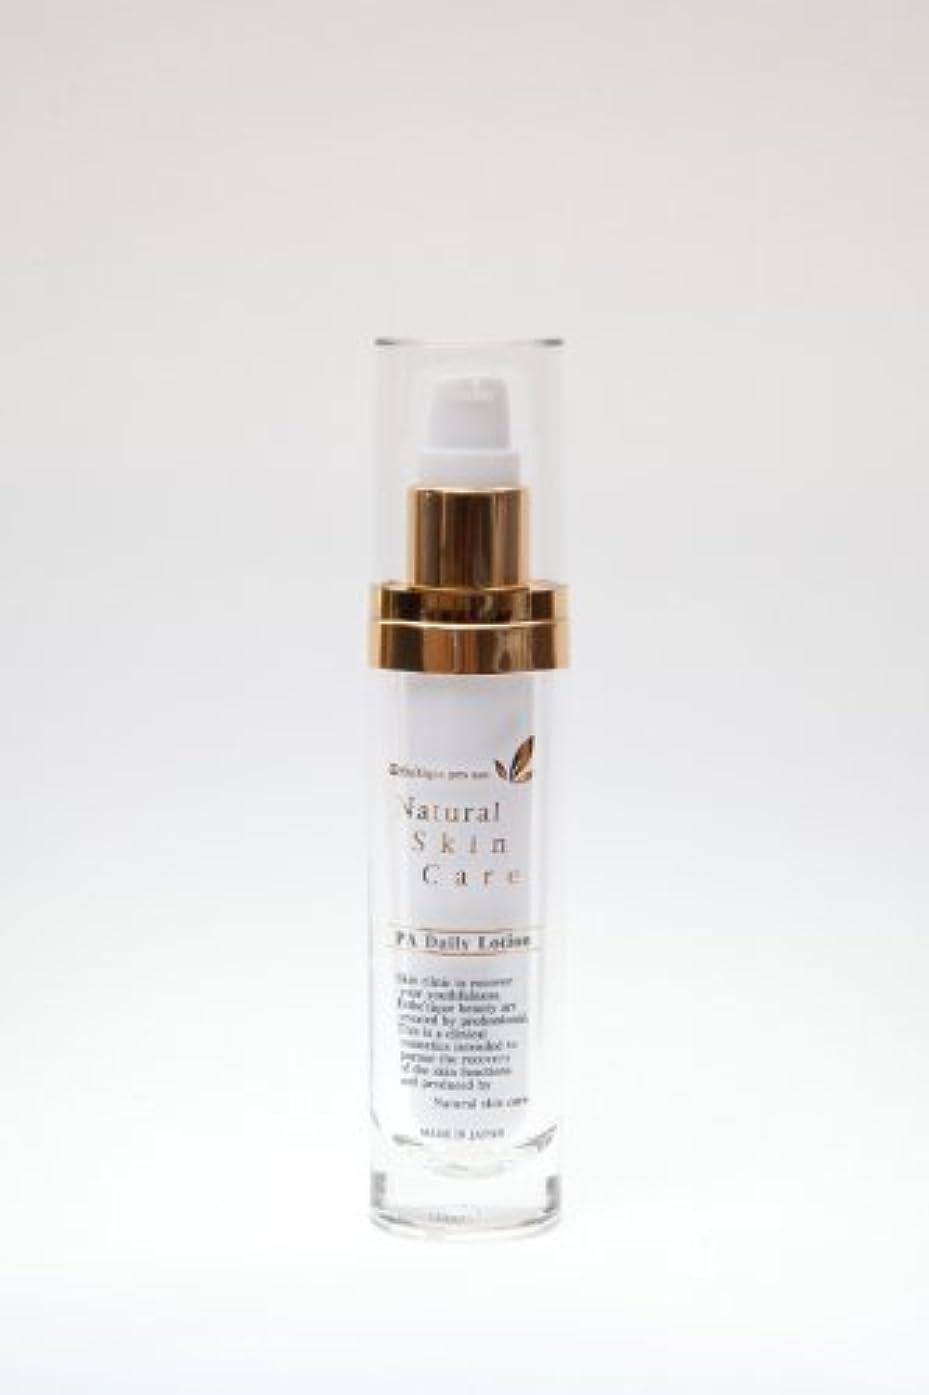 リル差し引く結晶PA デイリーローション 30ml : EGF フラーレン リピジュア アルジレリン 配合ジェルタイプ収斂化粧水 サロン専売化粧品 R-Cell(リセル)